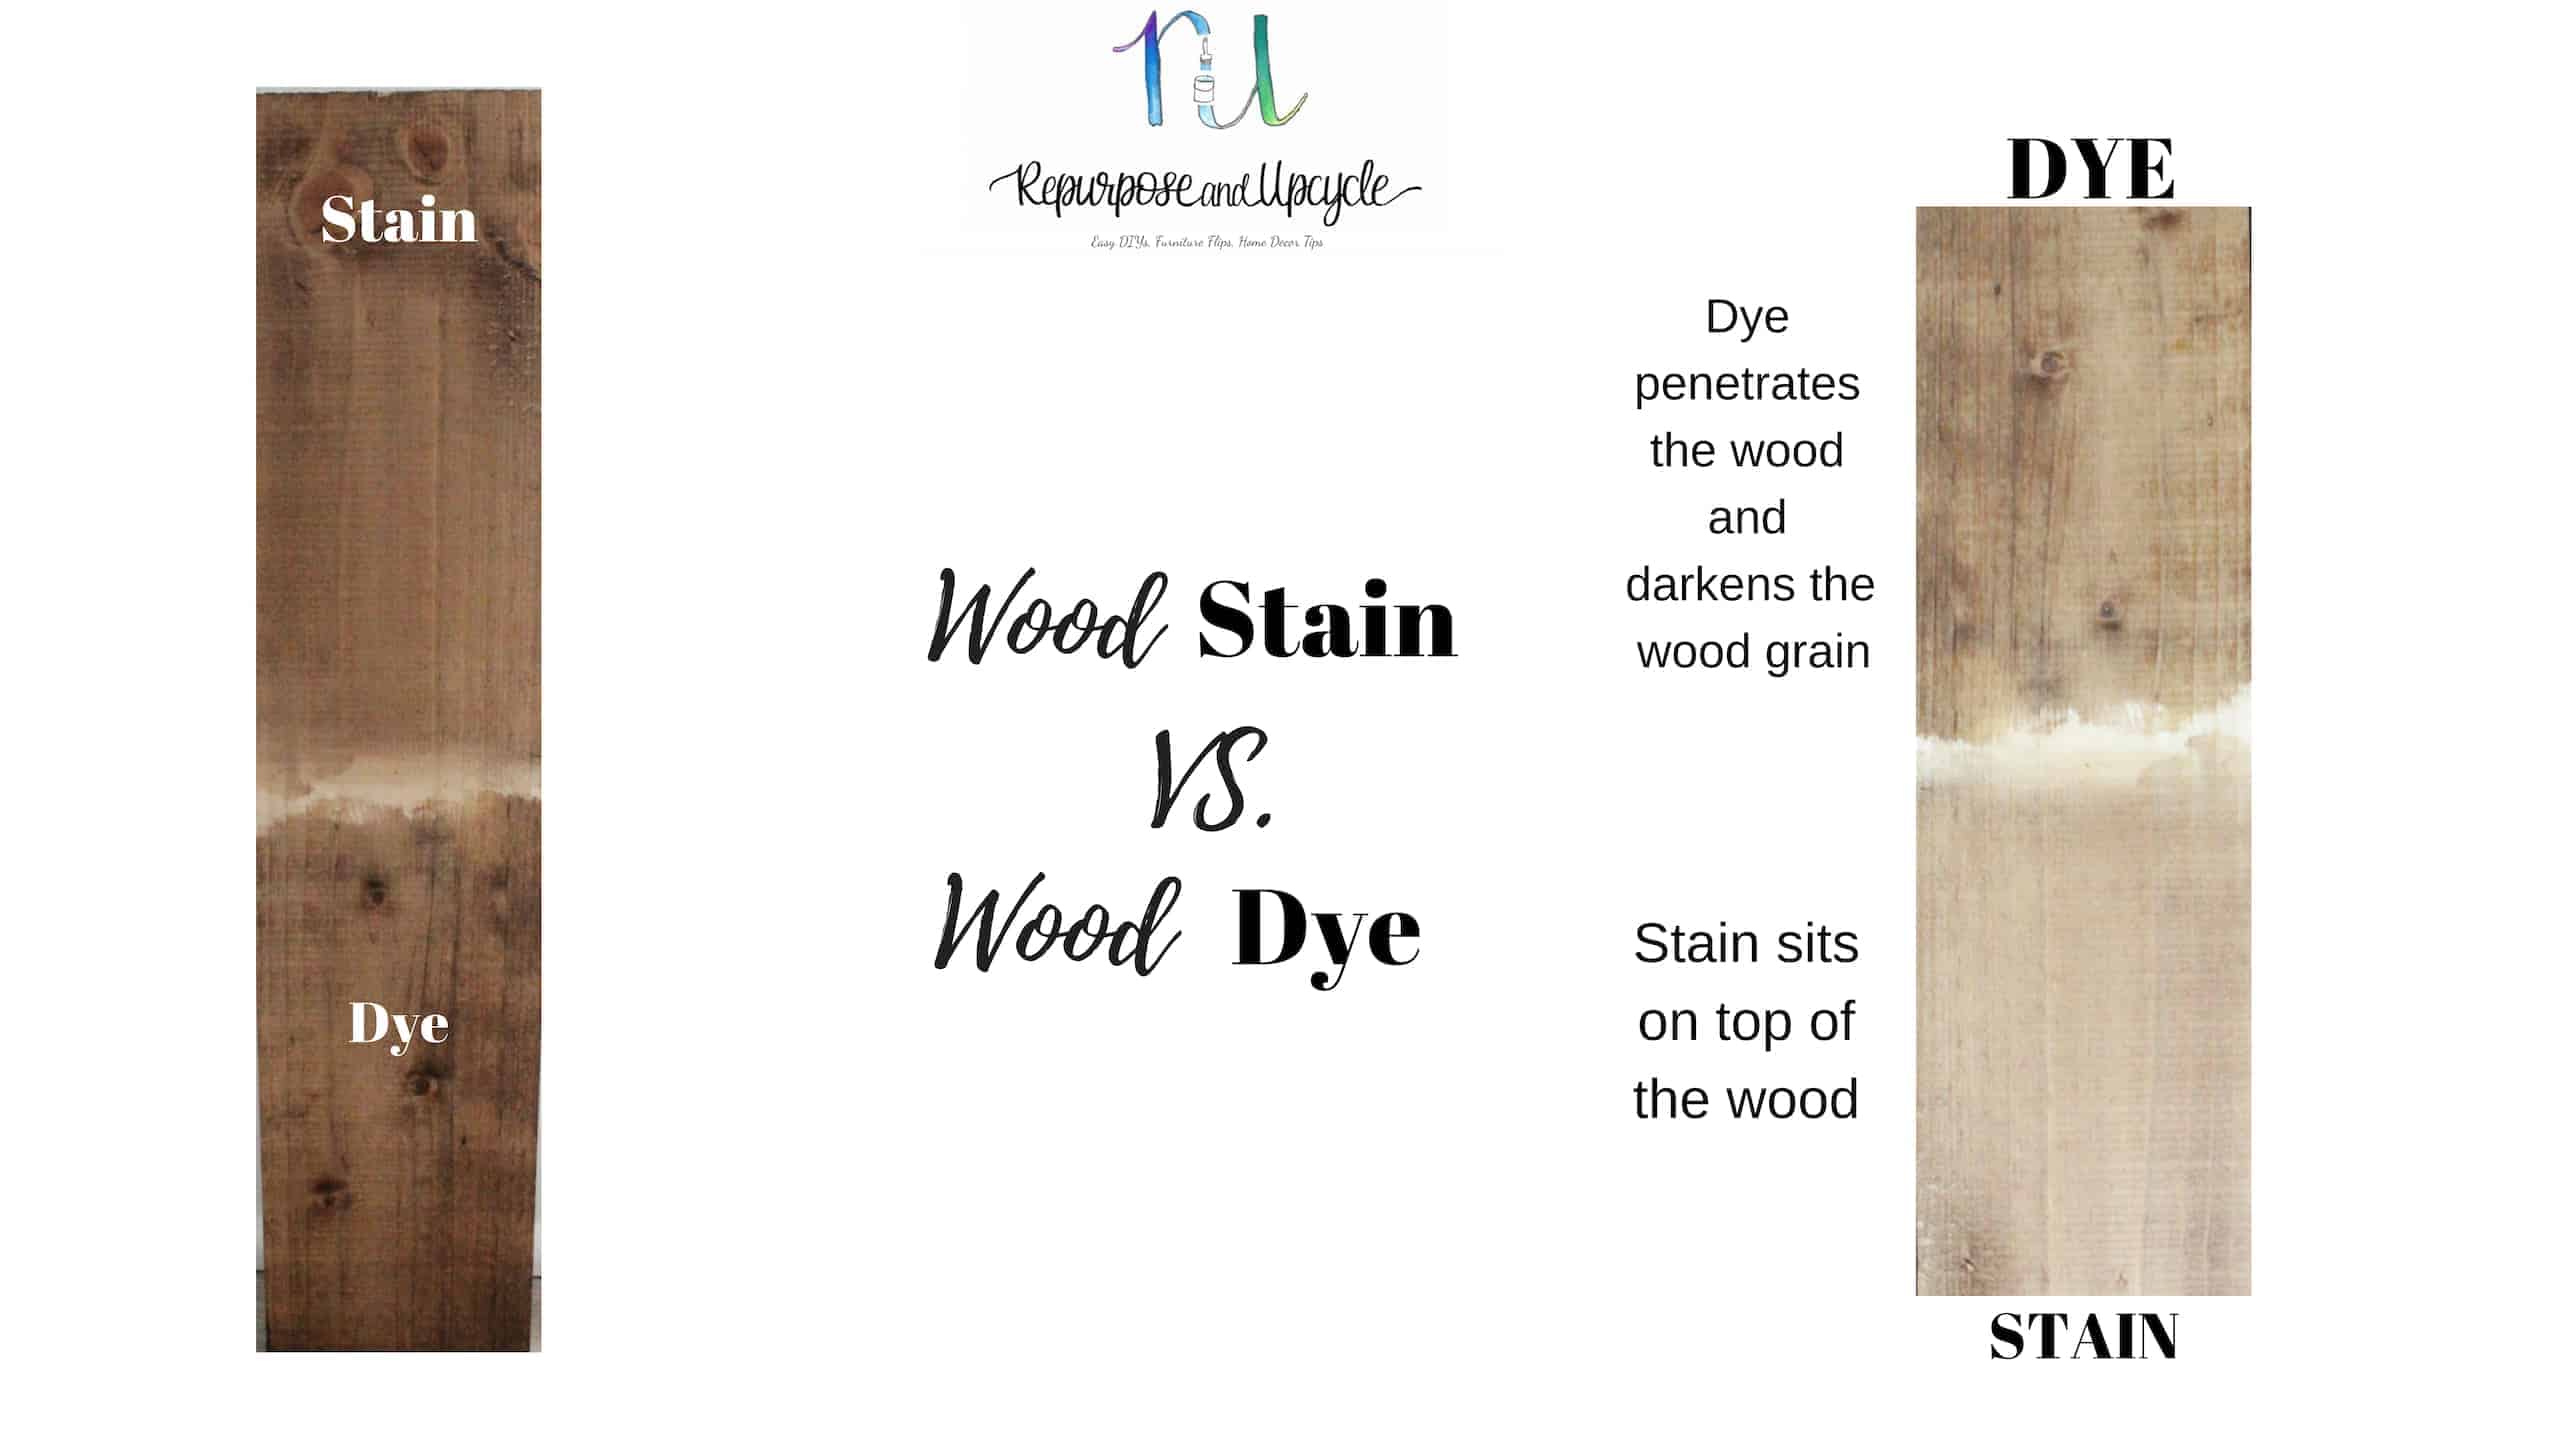 Wood Dye vs  Wood stain